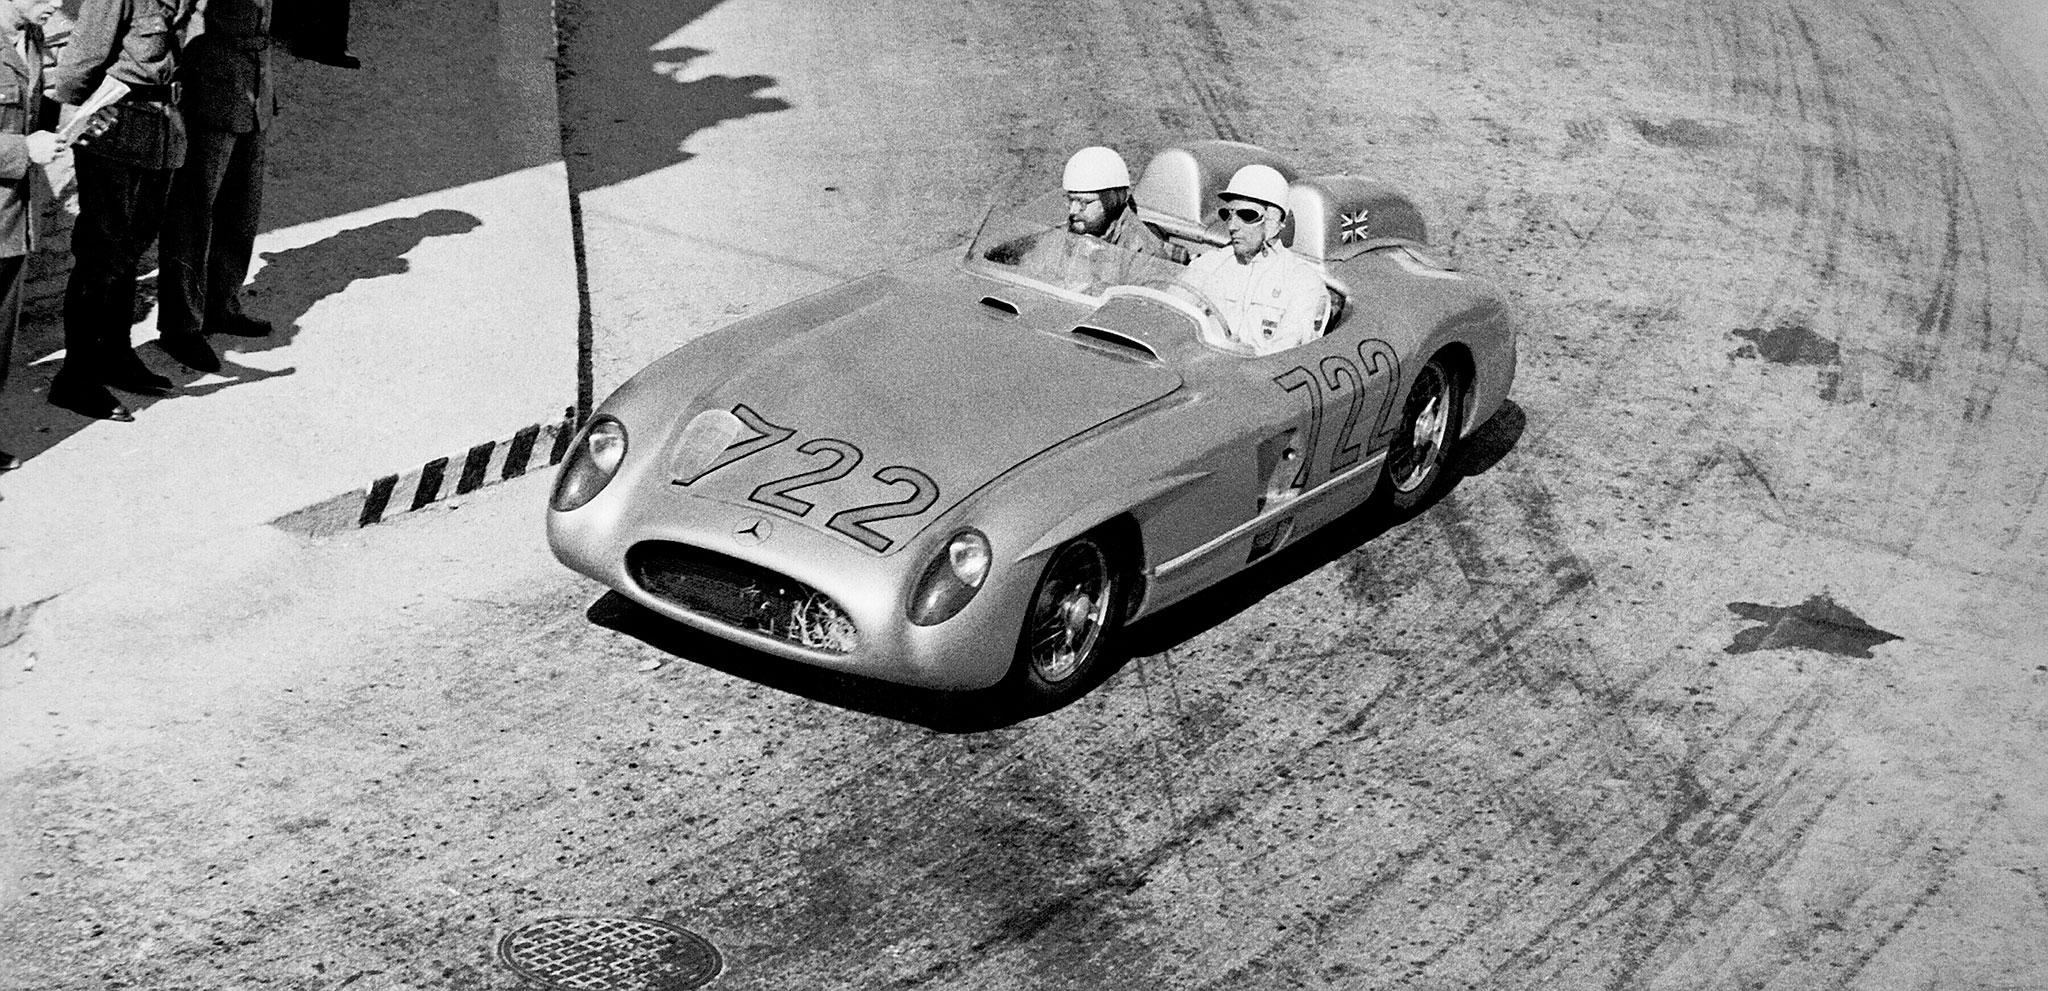 Sir Stirling Moss et Denis Jenkinson, mai 1955, au Mille Miglia avec la 300 SLR 722 entre Brescia et Rome.